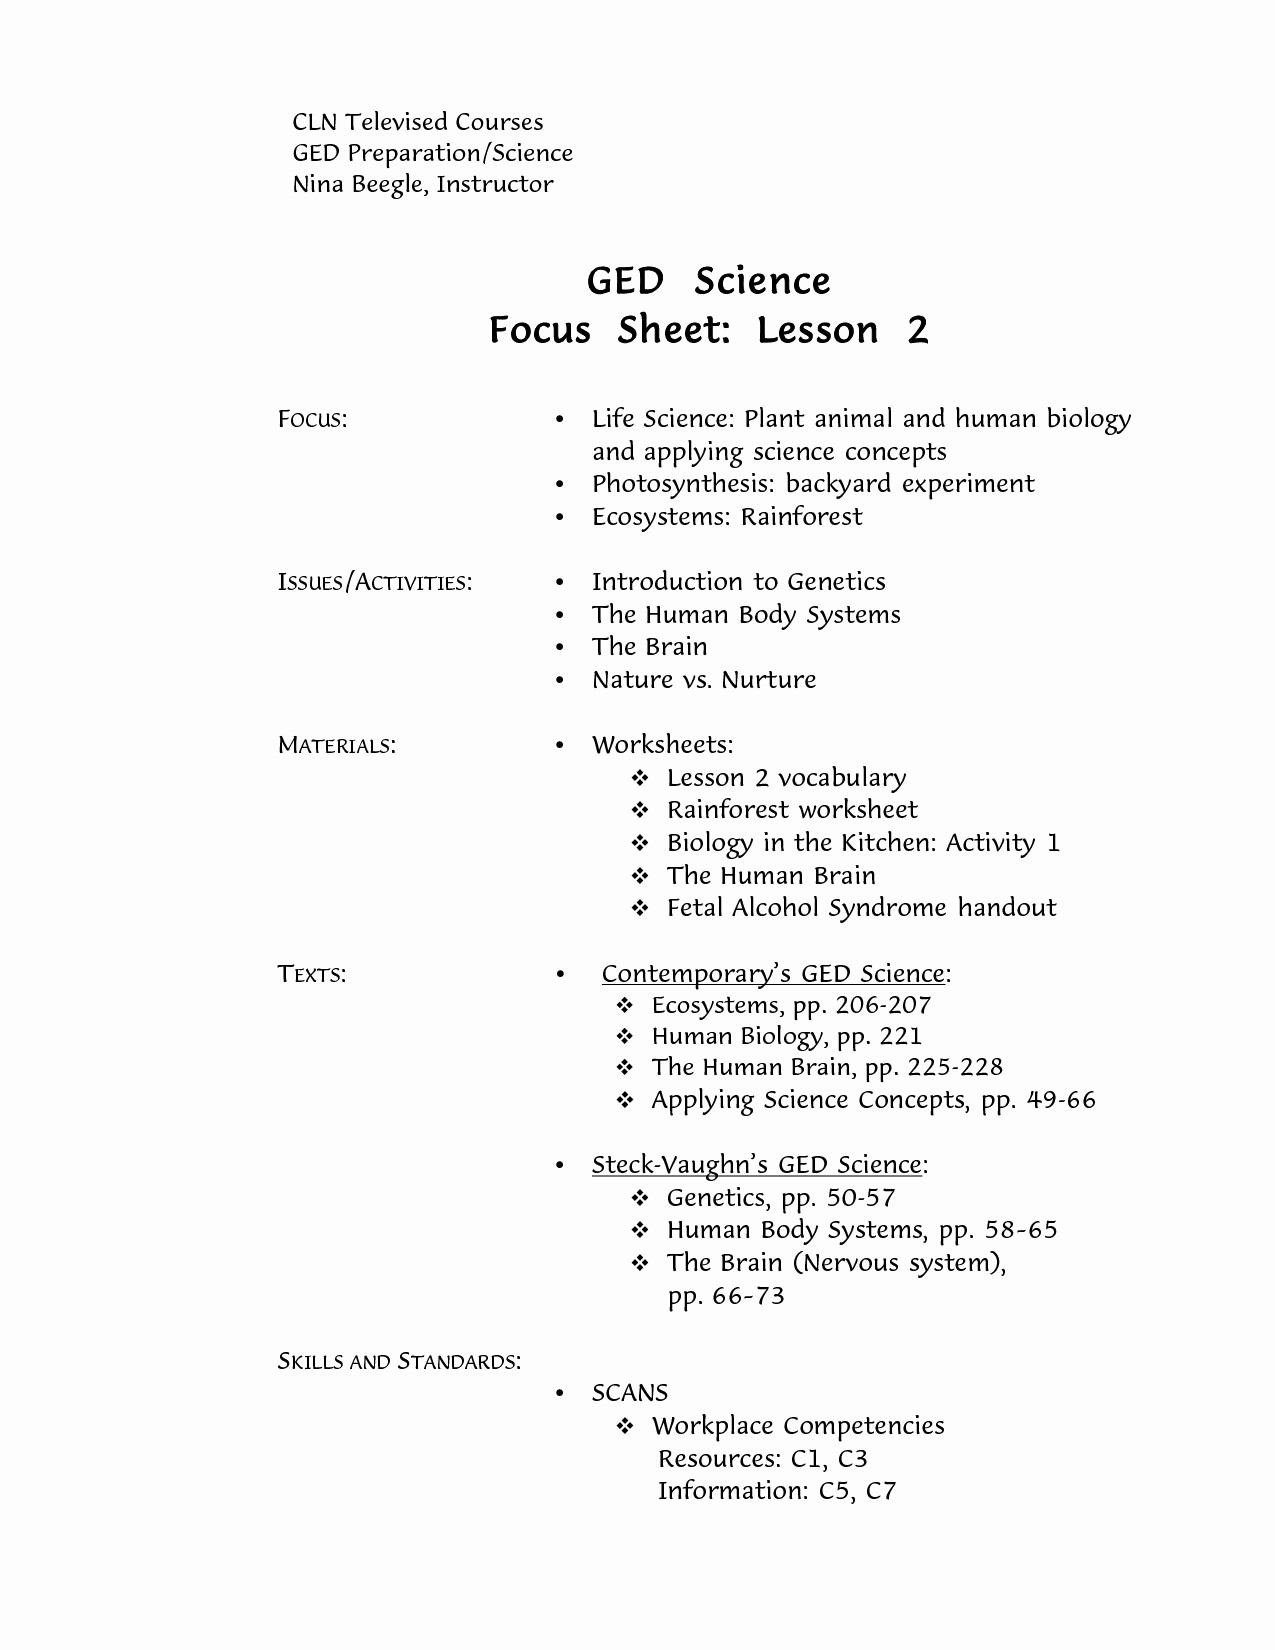 Printable Ged Practice Worksheets Pdf - Happy Living - Free - Free Printable Ged Worksheets